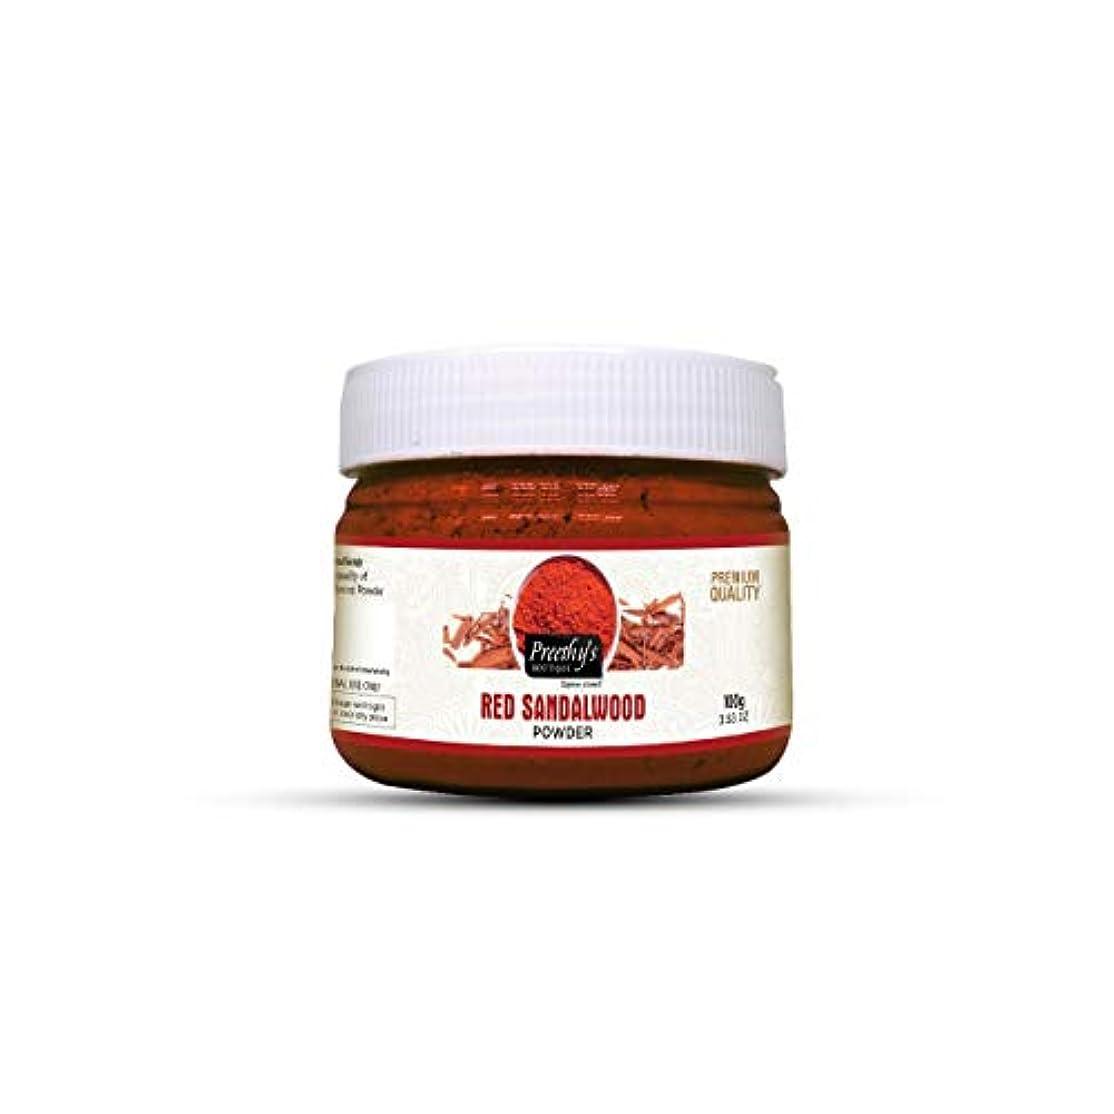 ネイティブ近々無条件Premium Quality Ayurvedic Natural Red Sandalwood Powder (Raktha Chandan) - 100Gm - Anti marks & Spot removal - Anti acne & Pimple - プレミアム品質のアーユルヴェーダナチュラルレッドサンダルウッドパウダー(ラクサチャンダン)-100Gm-アンチマーク&スポット除去-アンチニキビ&にきび